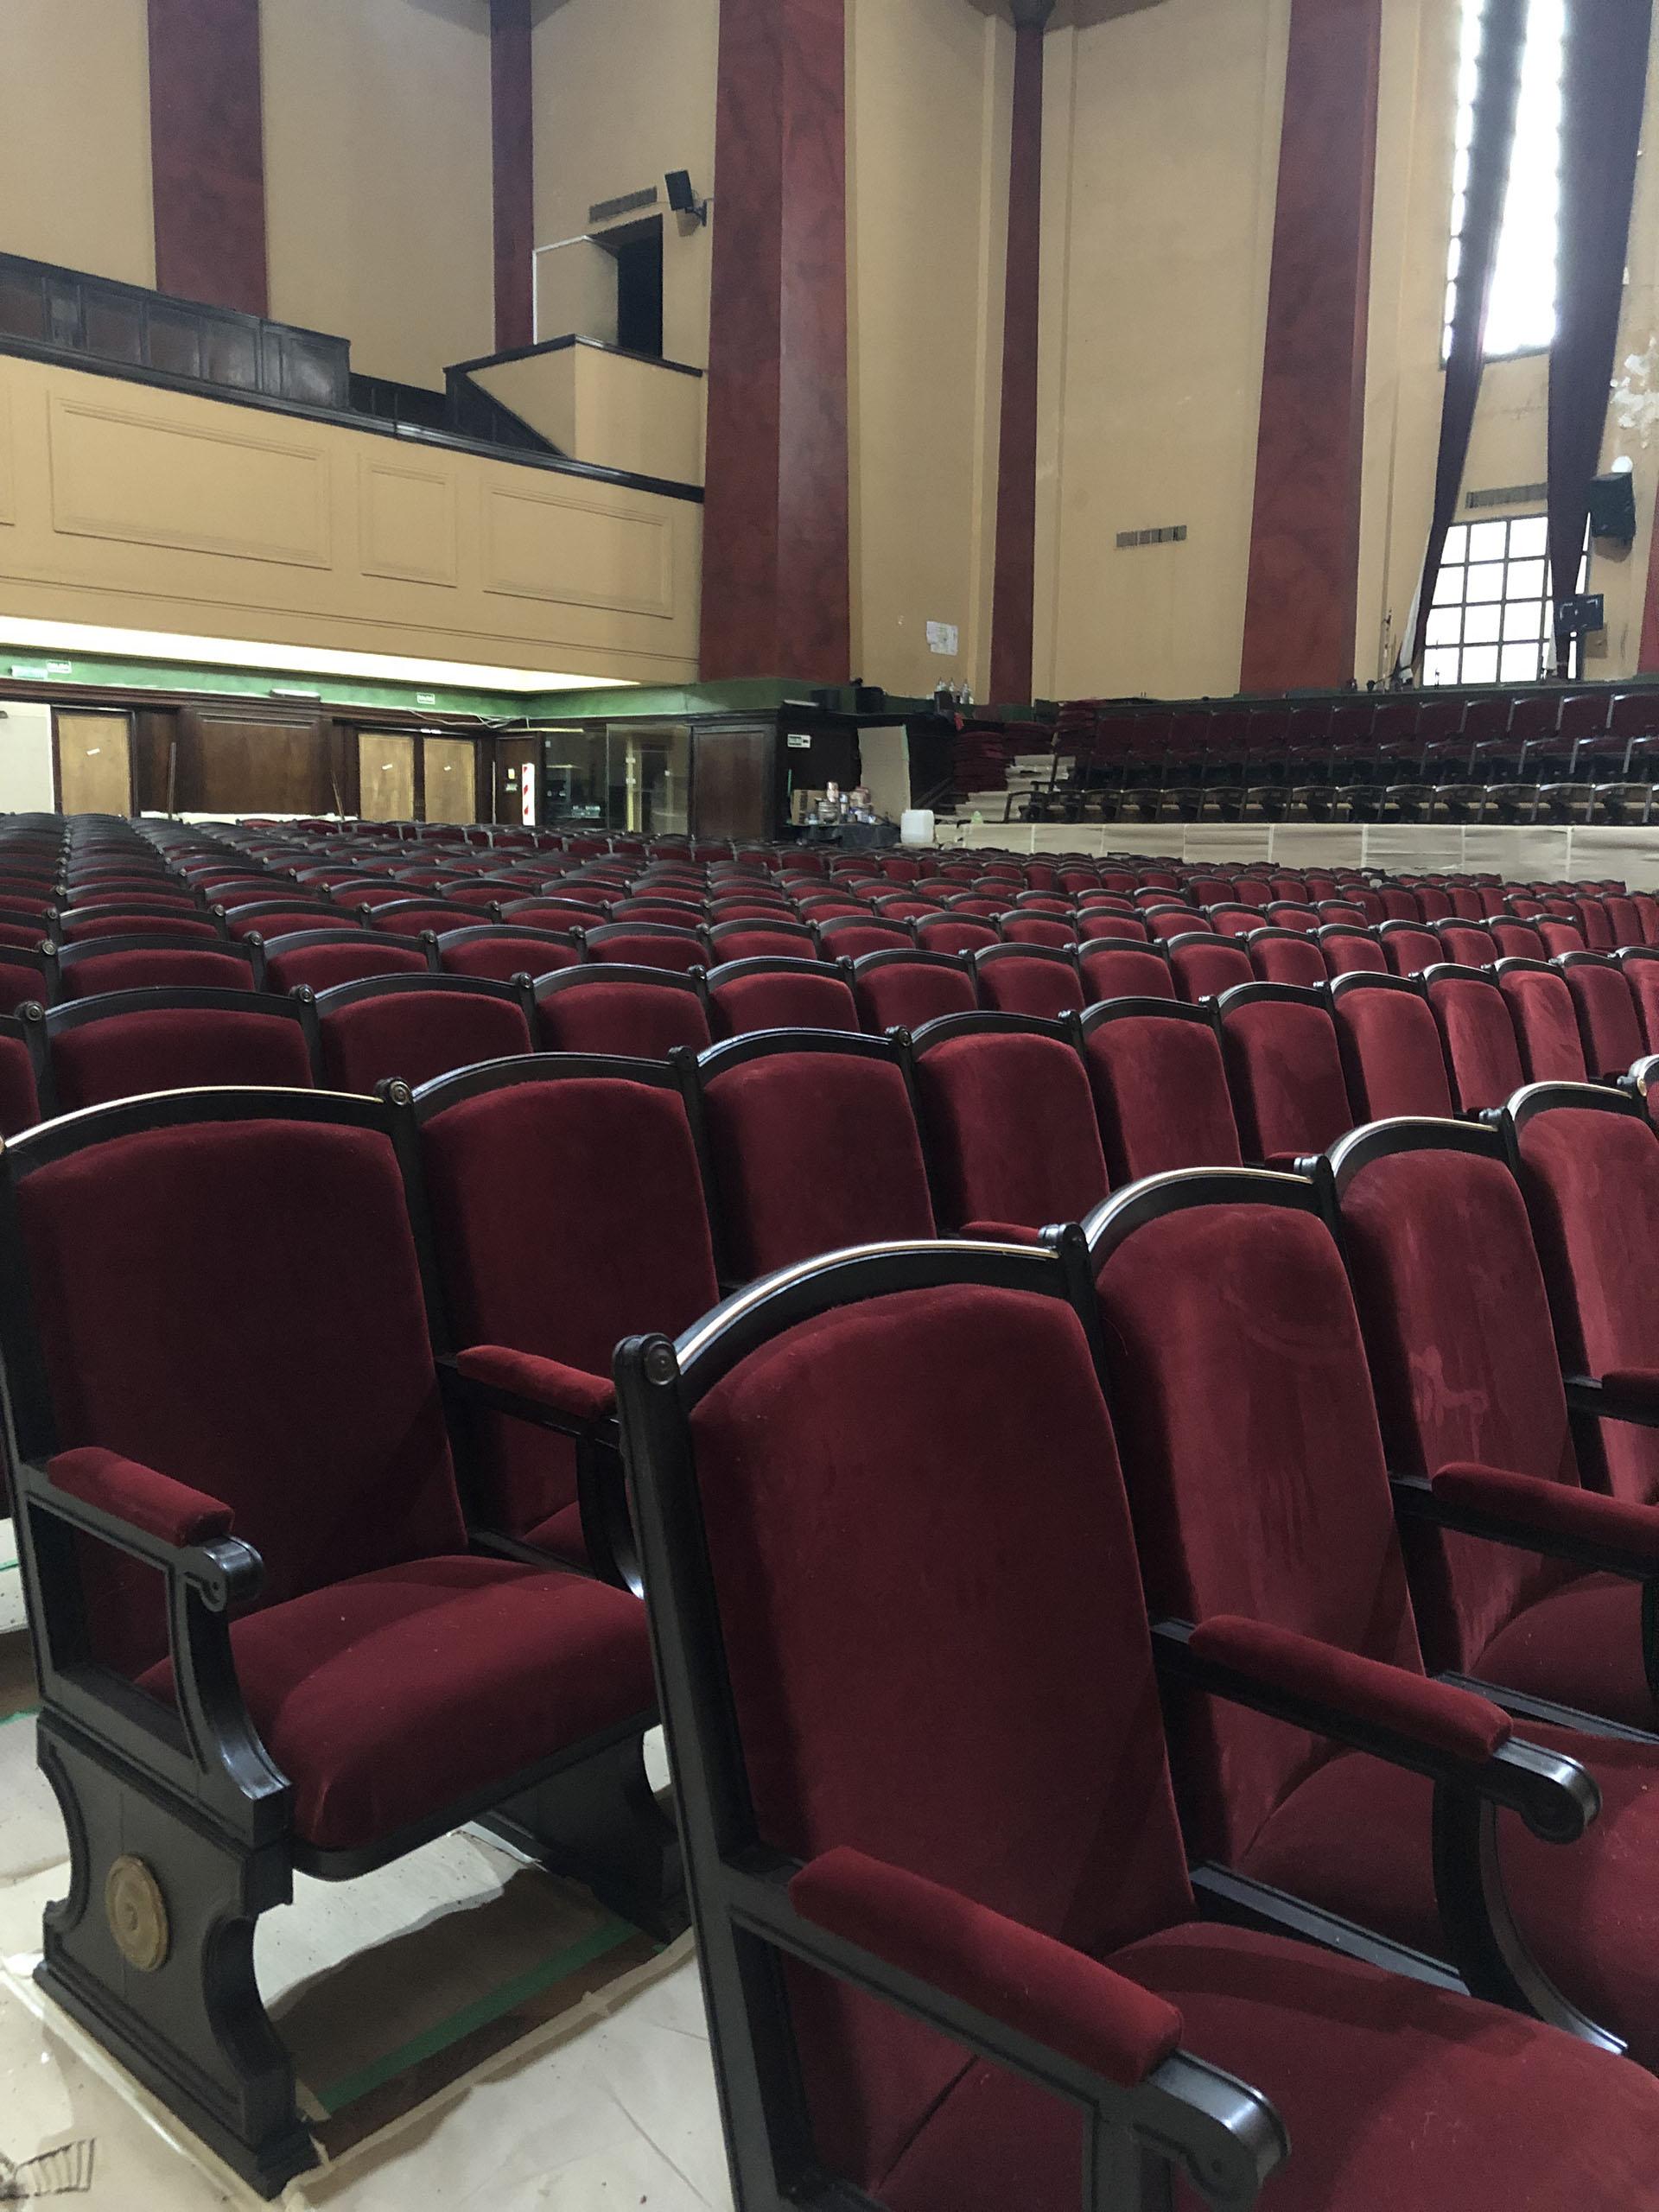 Según contaron las personas a cargo de la obra, se cambiaron todas las alfombras y se cambió todo el capitoné de las 10 puertas de acceso al salón